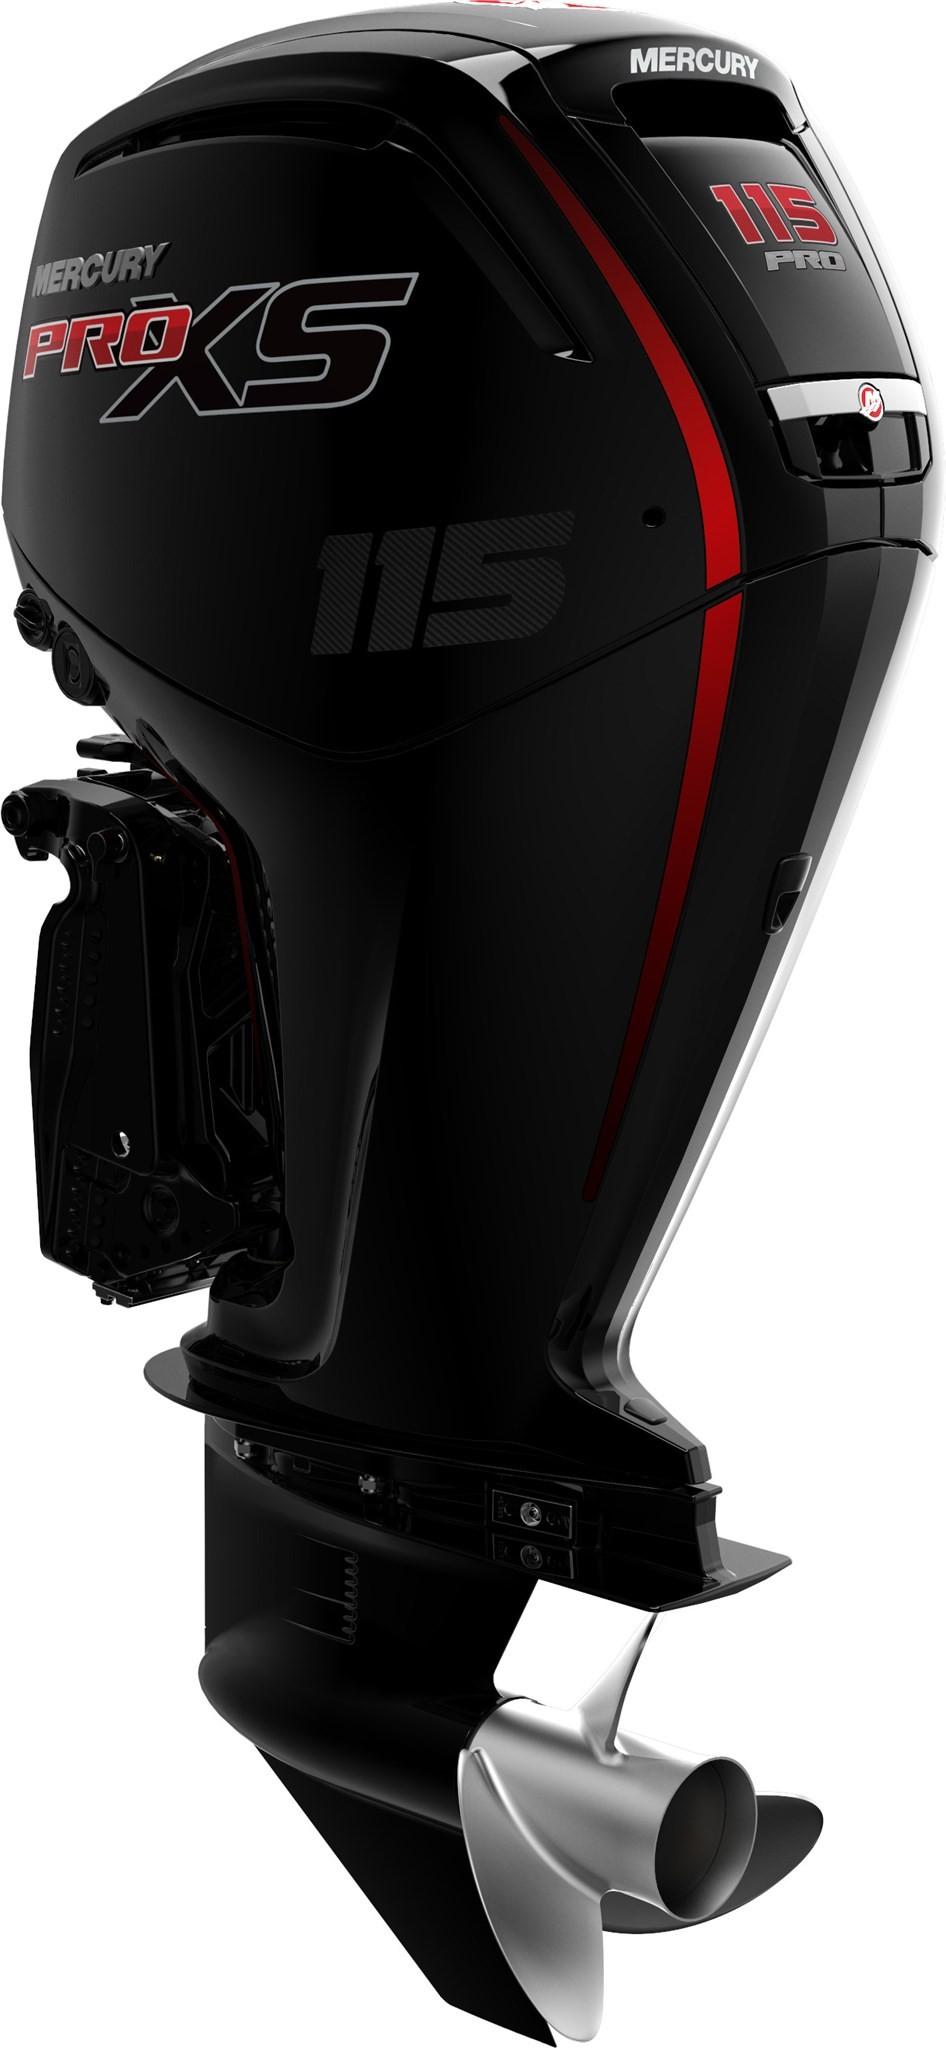 Лодочный мотор Mercury F 115 XL Pro XS EFI